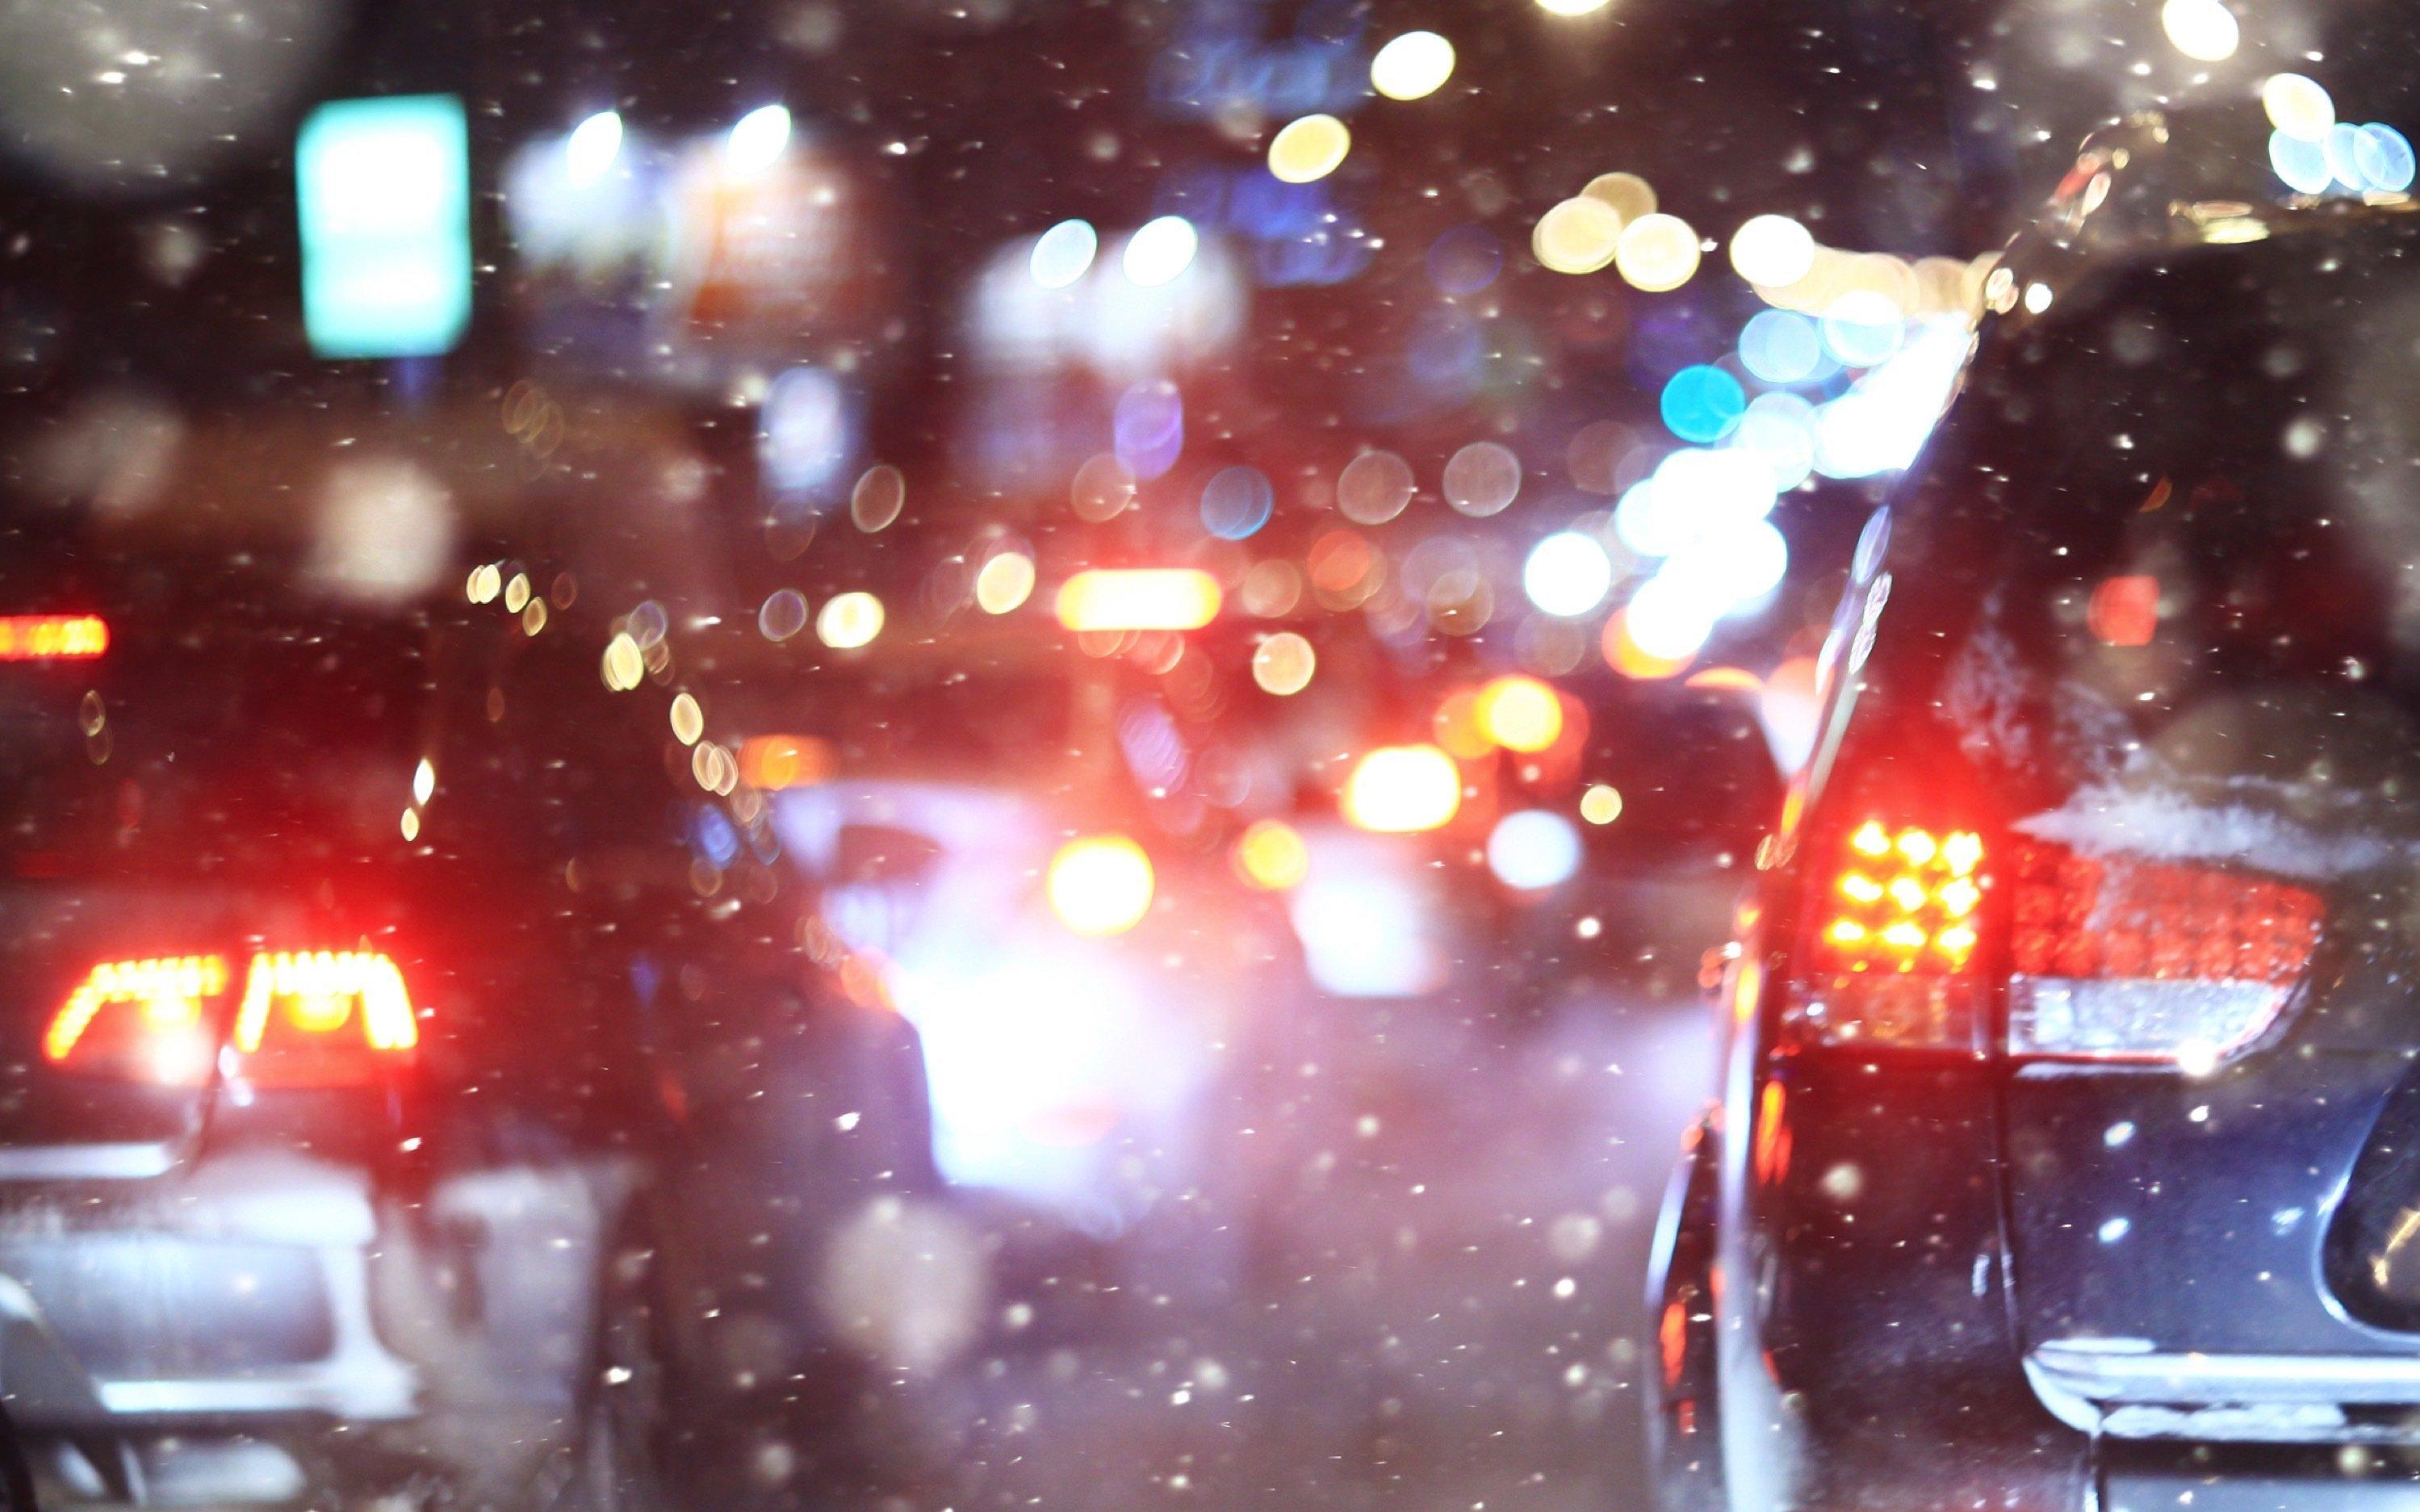 Aufnahme eines Staus im Dunkeln bei leichtem Regen.